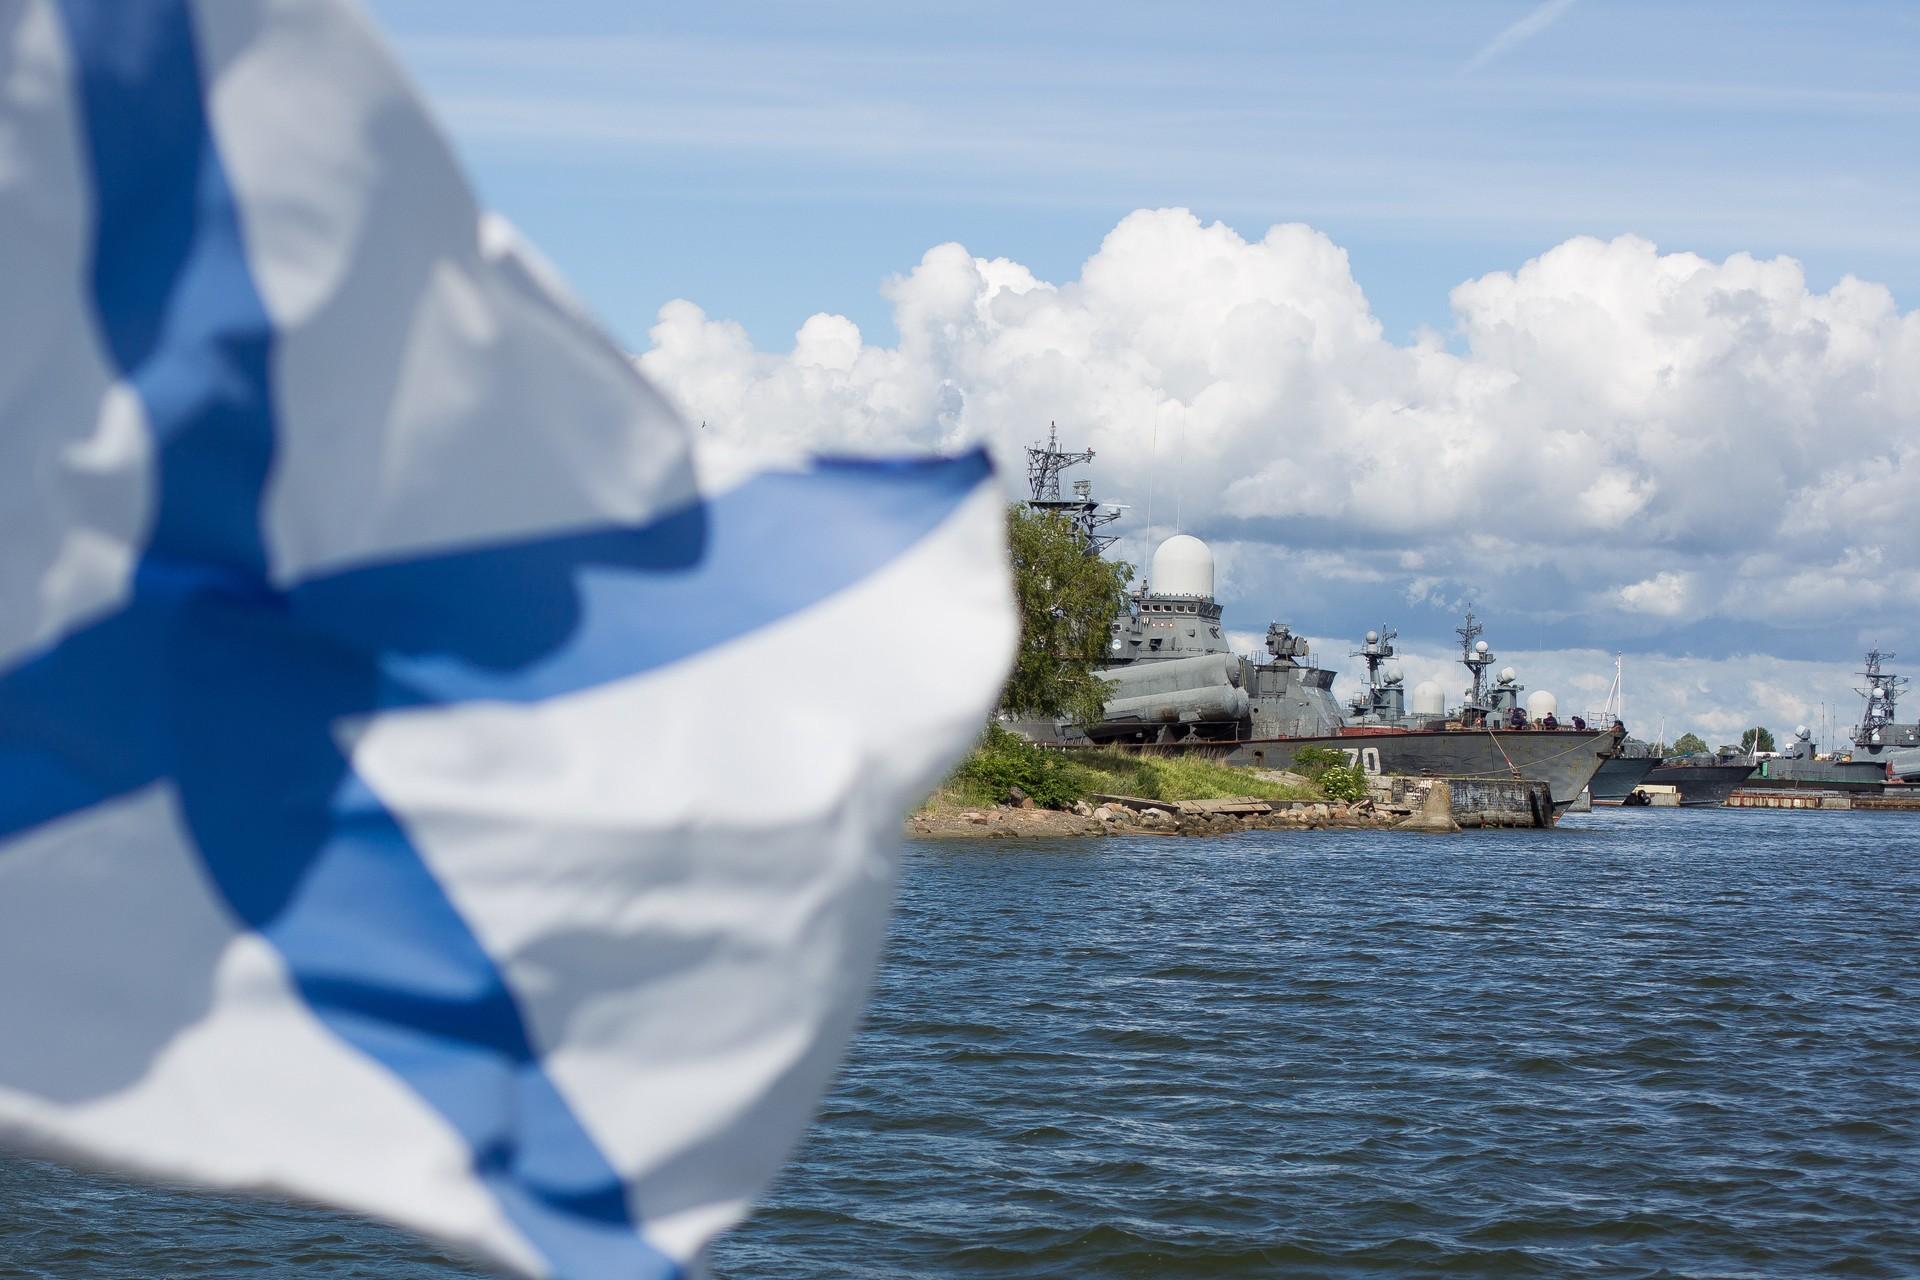 Застава Ратне морнарице на броду у Калињинграду.